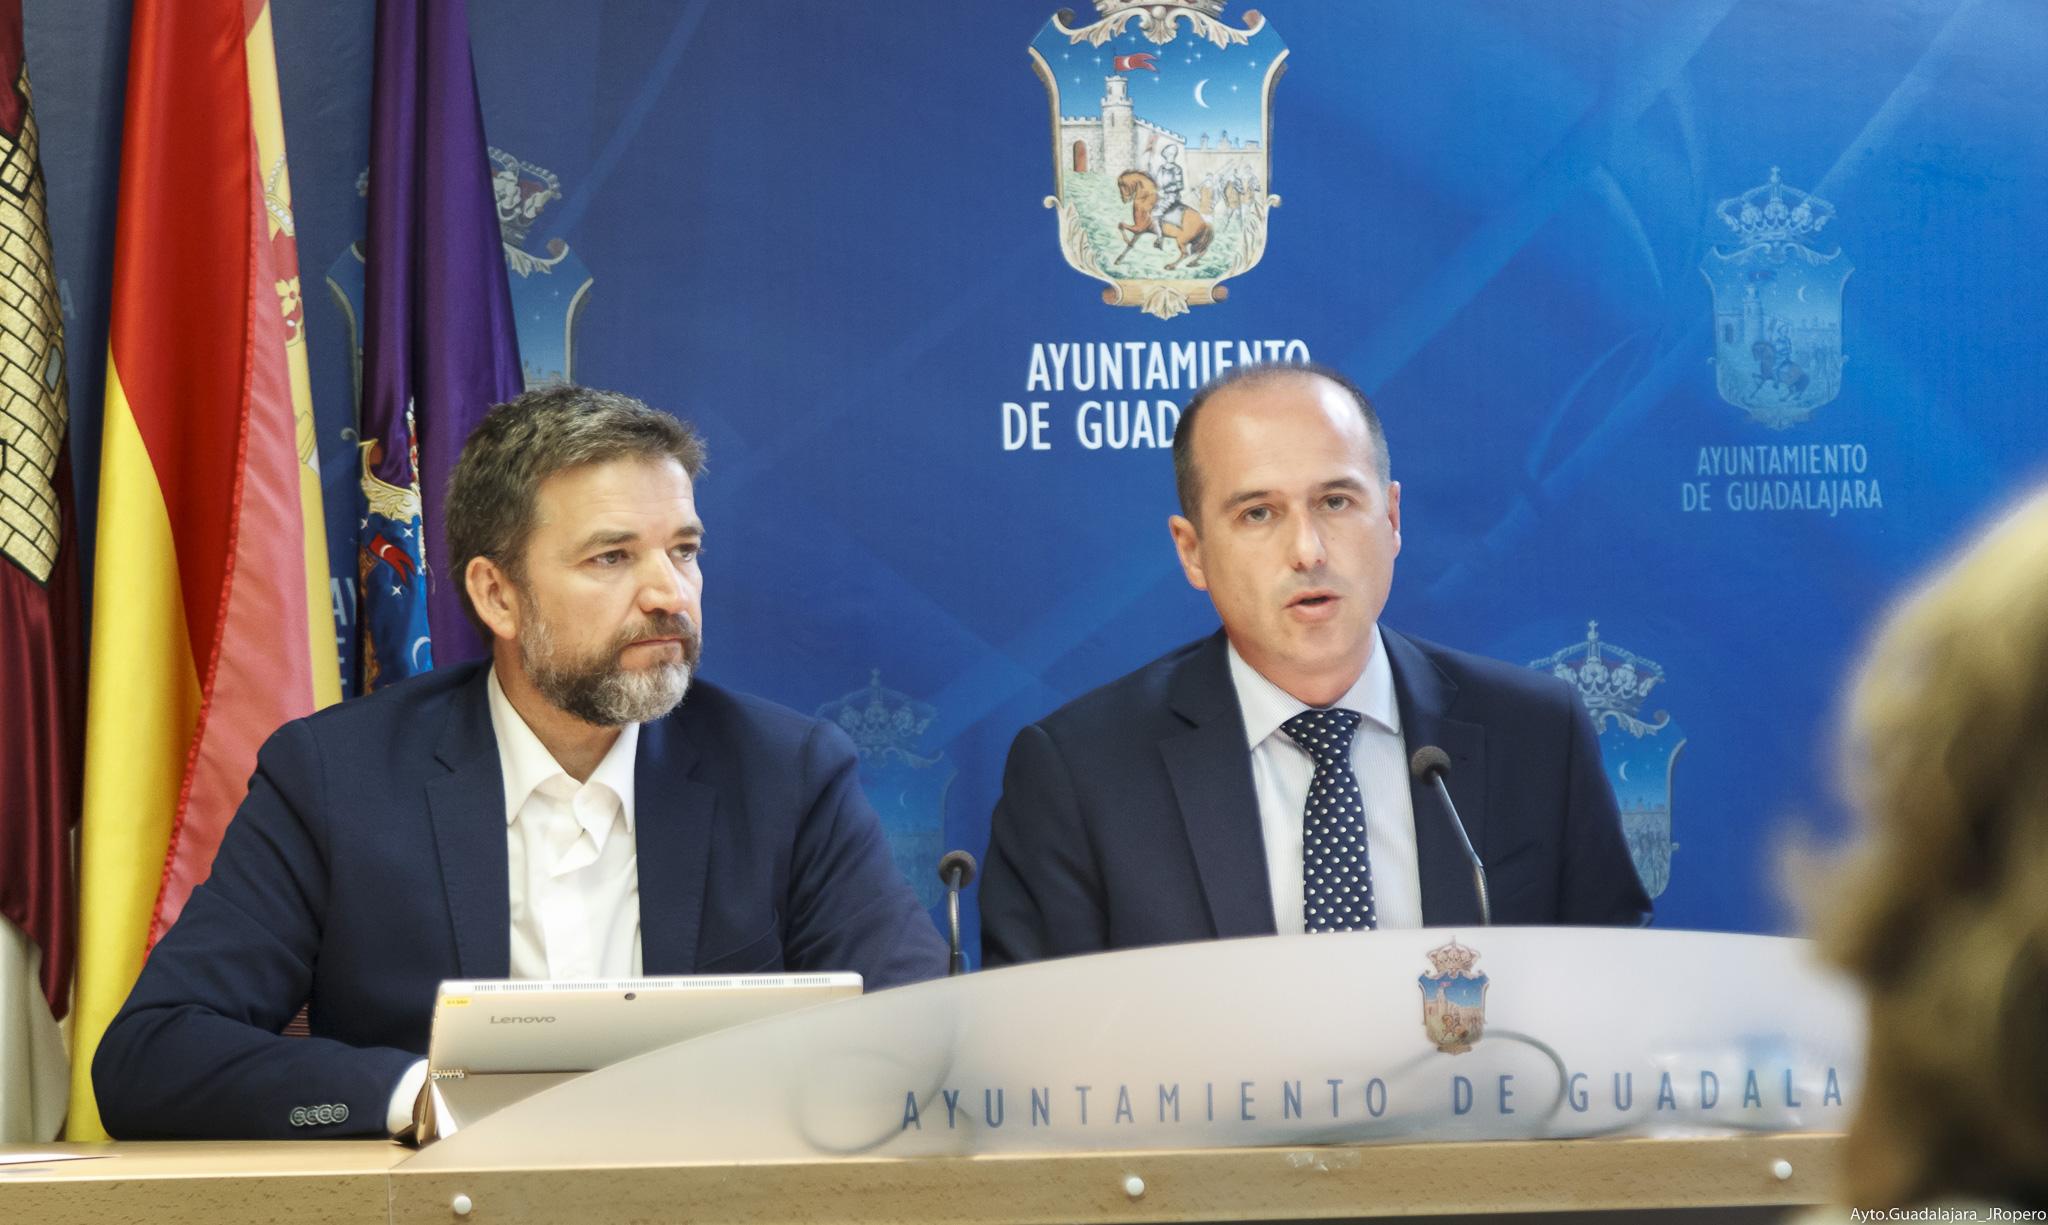 El Ayuntamiento avanza definitivamente en la urbanización del sector SUE 30 en el entorno del puente árabe